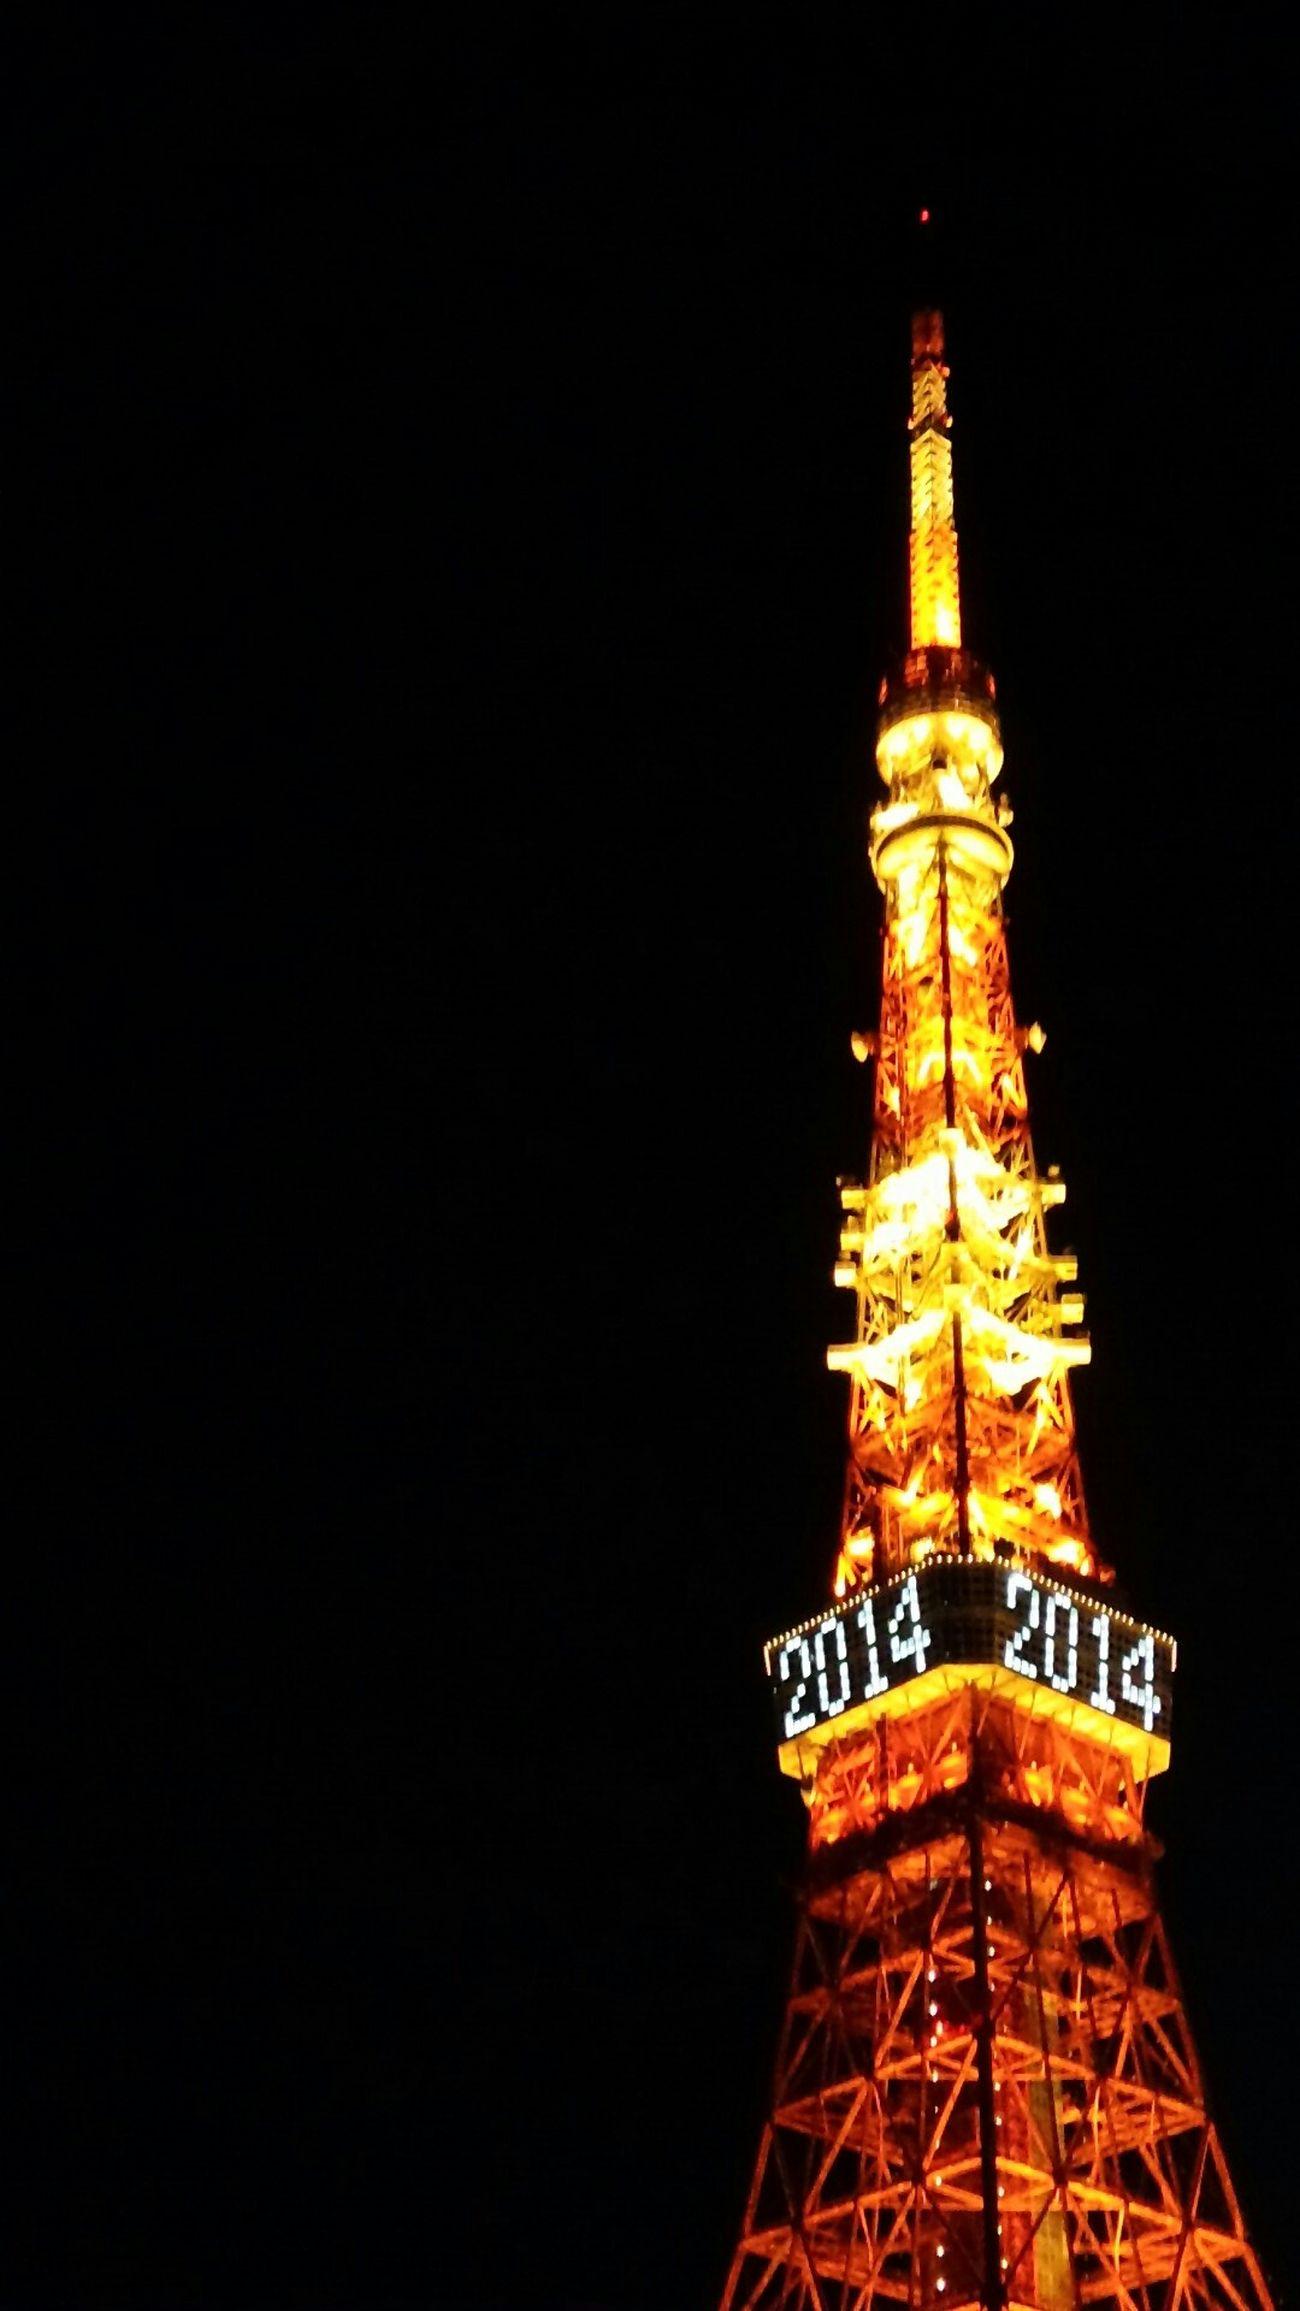 往く年 EyeEm Nature Lover Tokyo Tower Night View One Photo A Day 2014